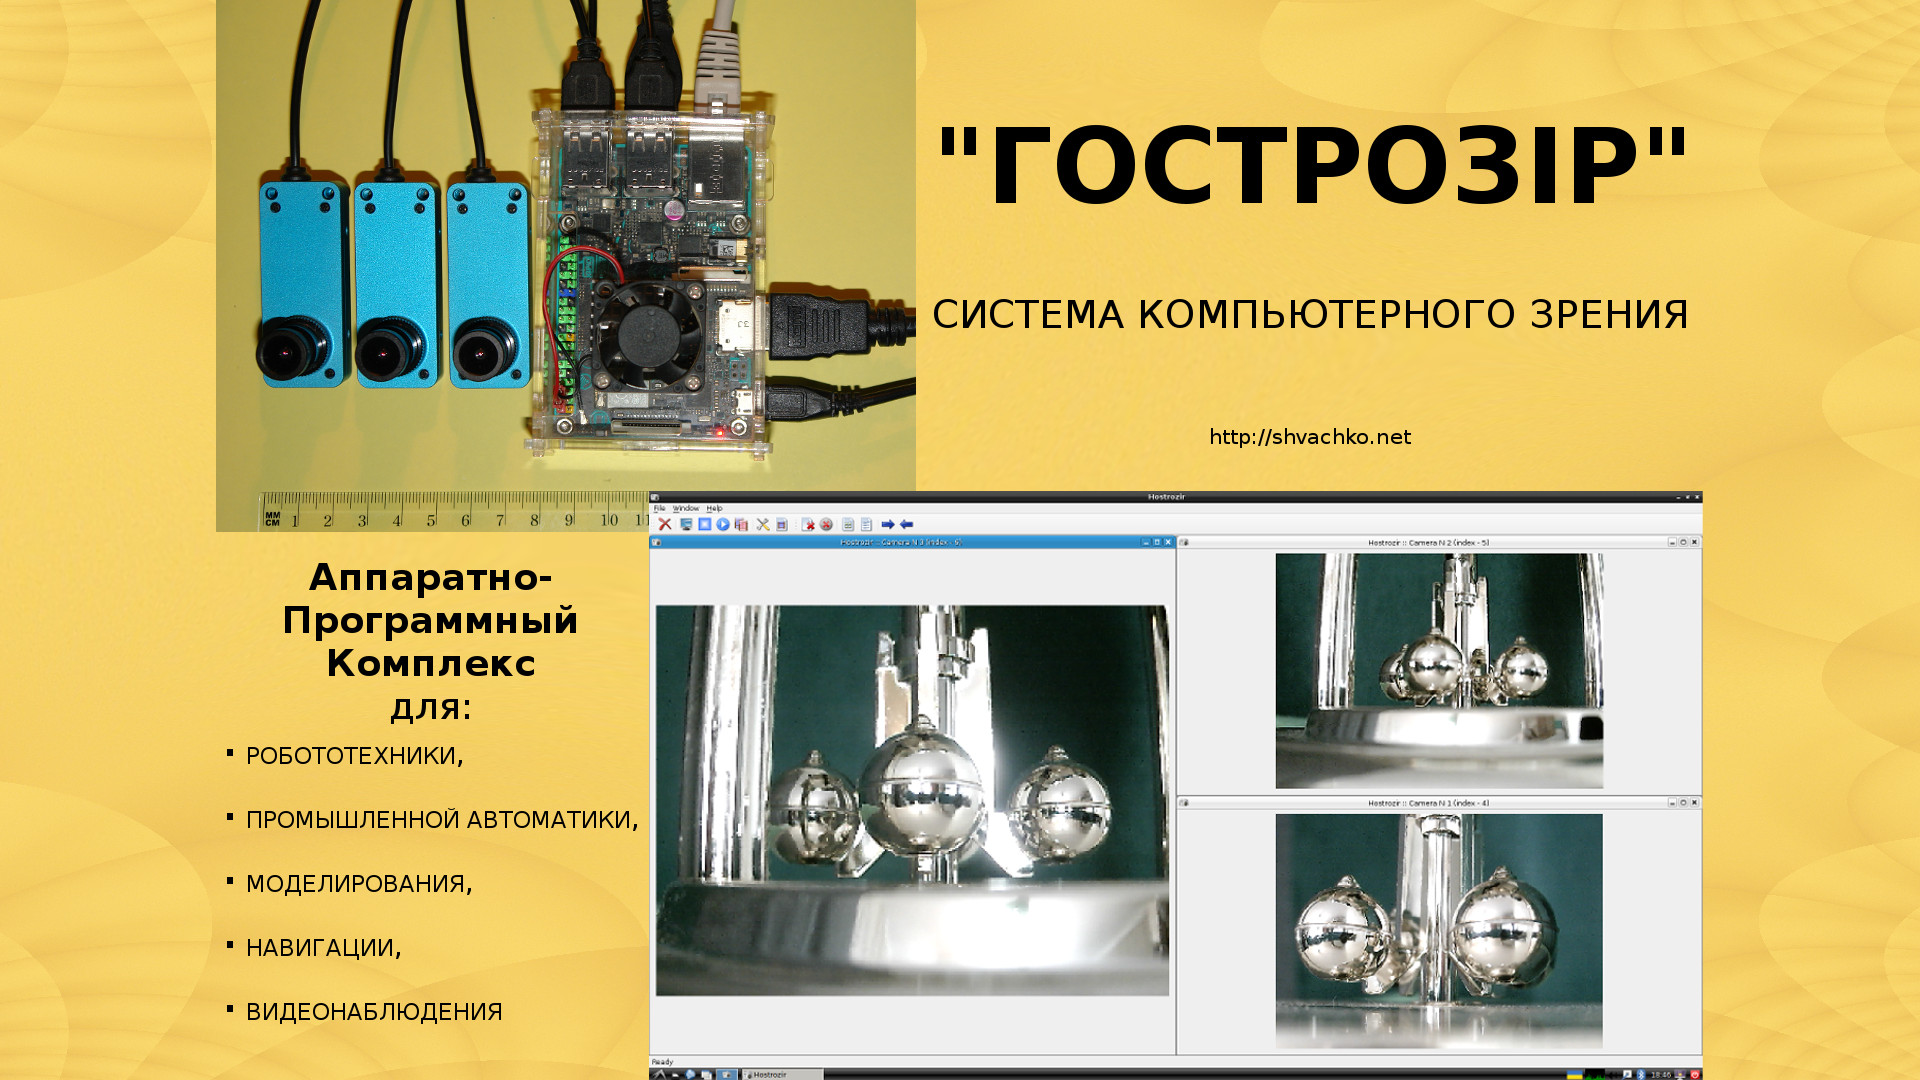 Система компьютерного зрения _Гострозір_